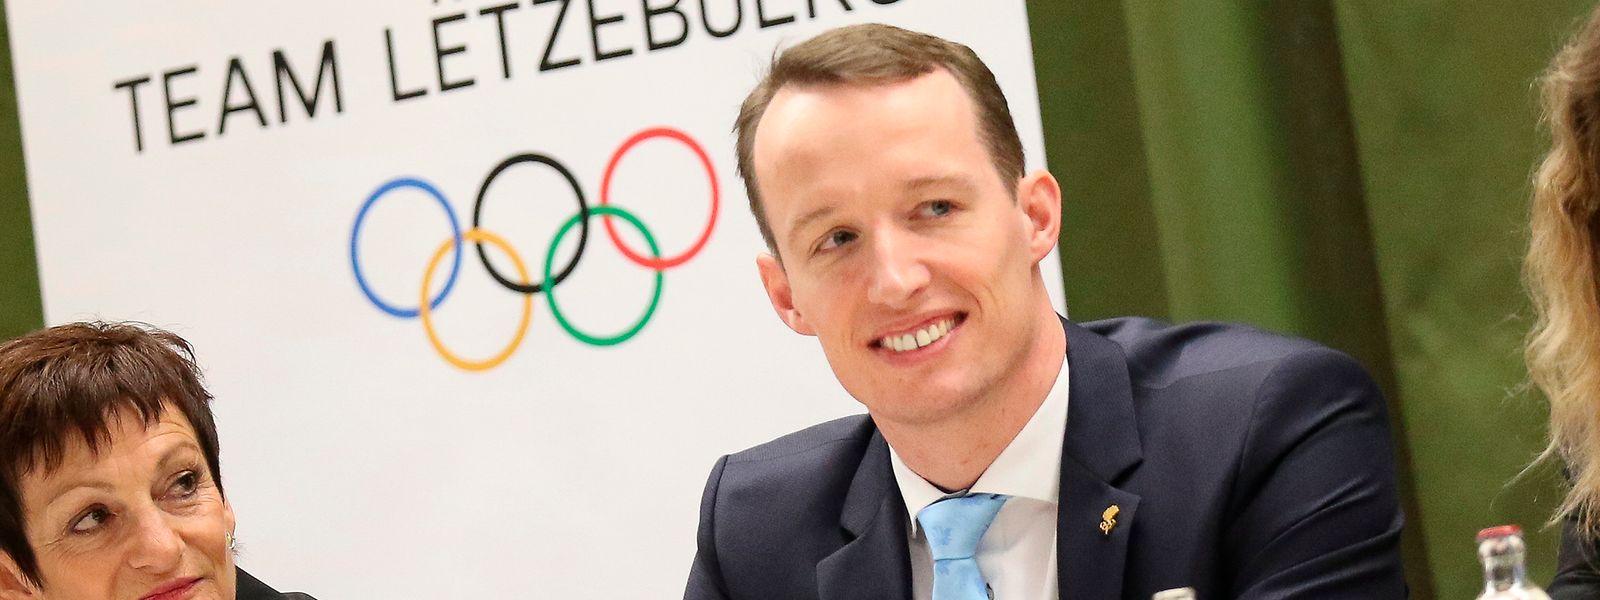 """Alwin de Prins: """"Es wird eine Herausforderung, dass die Sportler immer rechtzeitig bei ihren Wettkämpfen sind."""""""